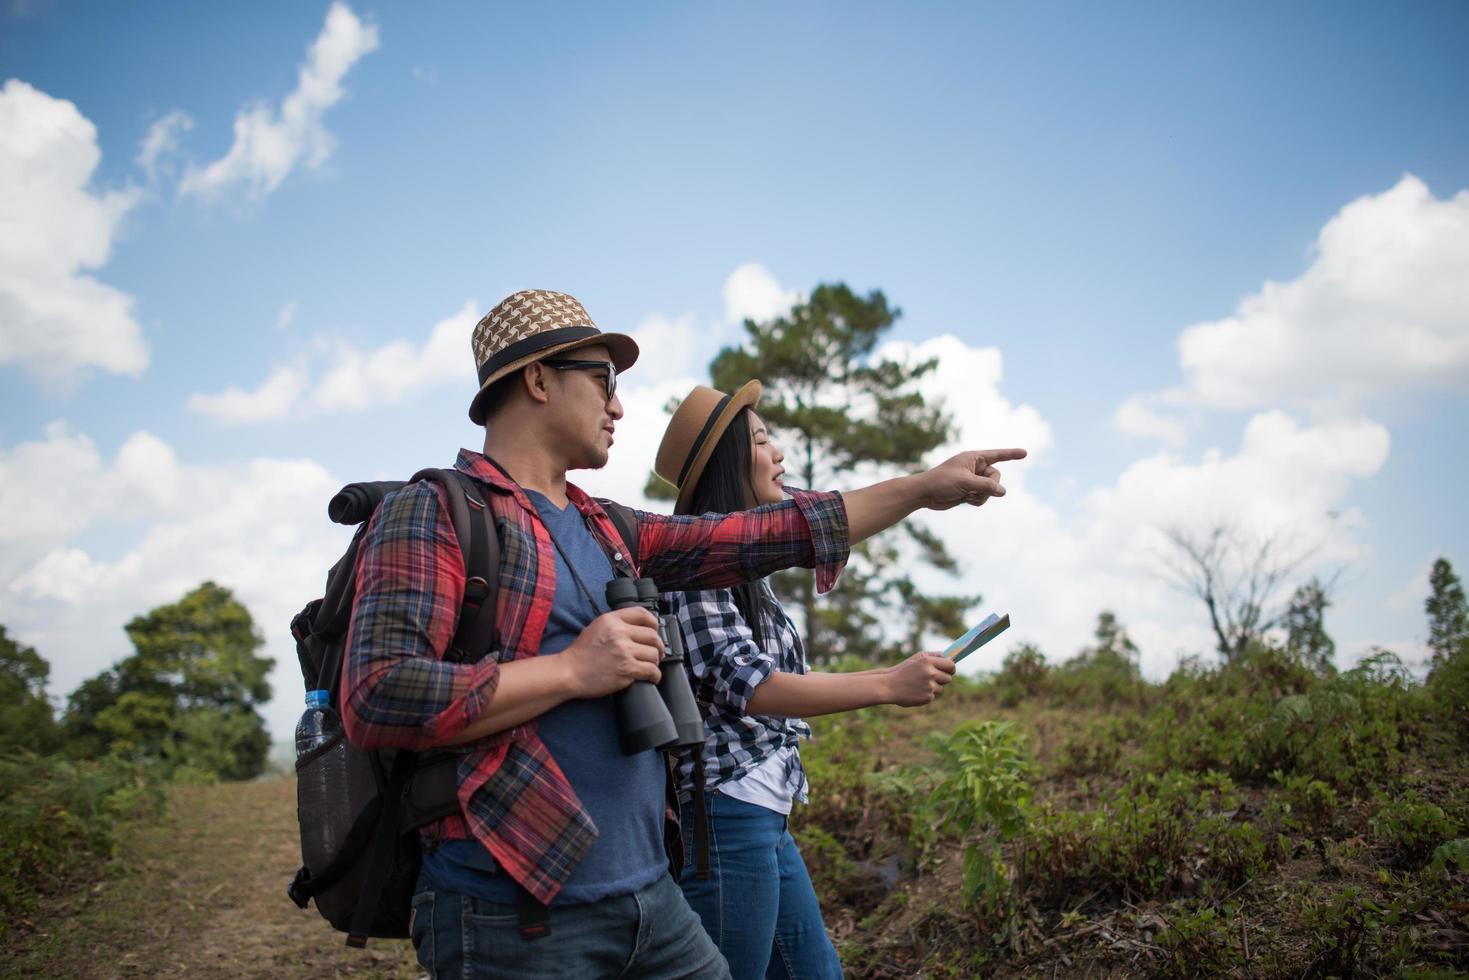 giovani coppie che camminano con gli zaini nella foresta foto